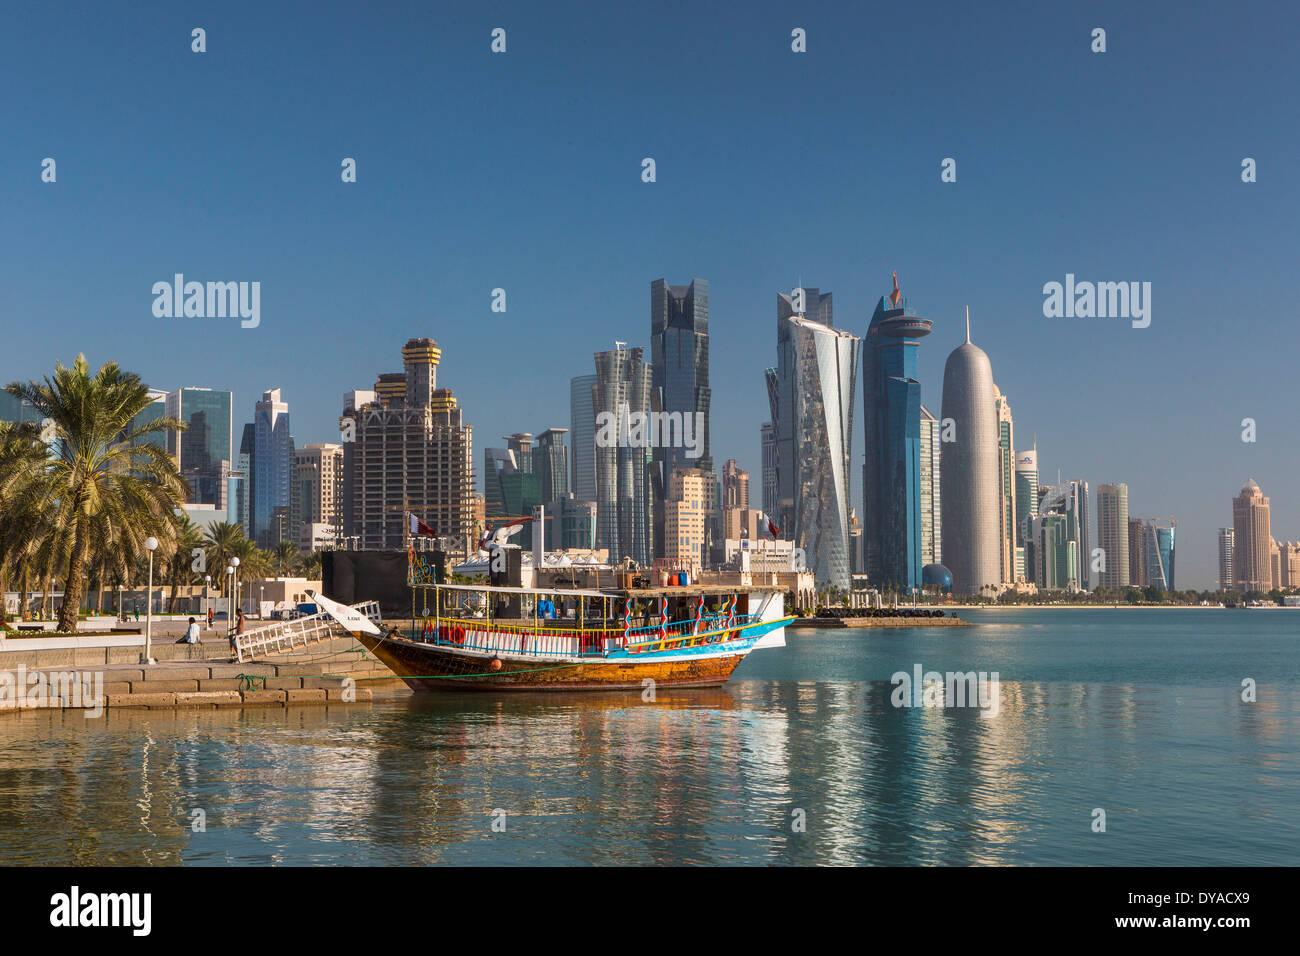 Al Burj Bidda Doha Qatar Oriente Medio del World Trade Center de la ciudad de barco de la bahía de arquitectura Imagen De Stock